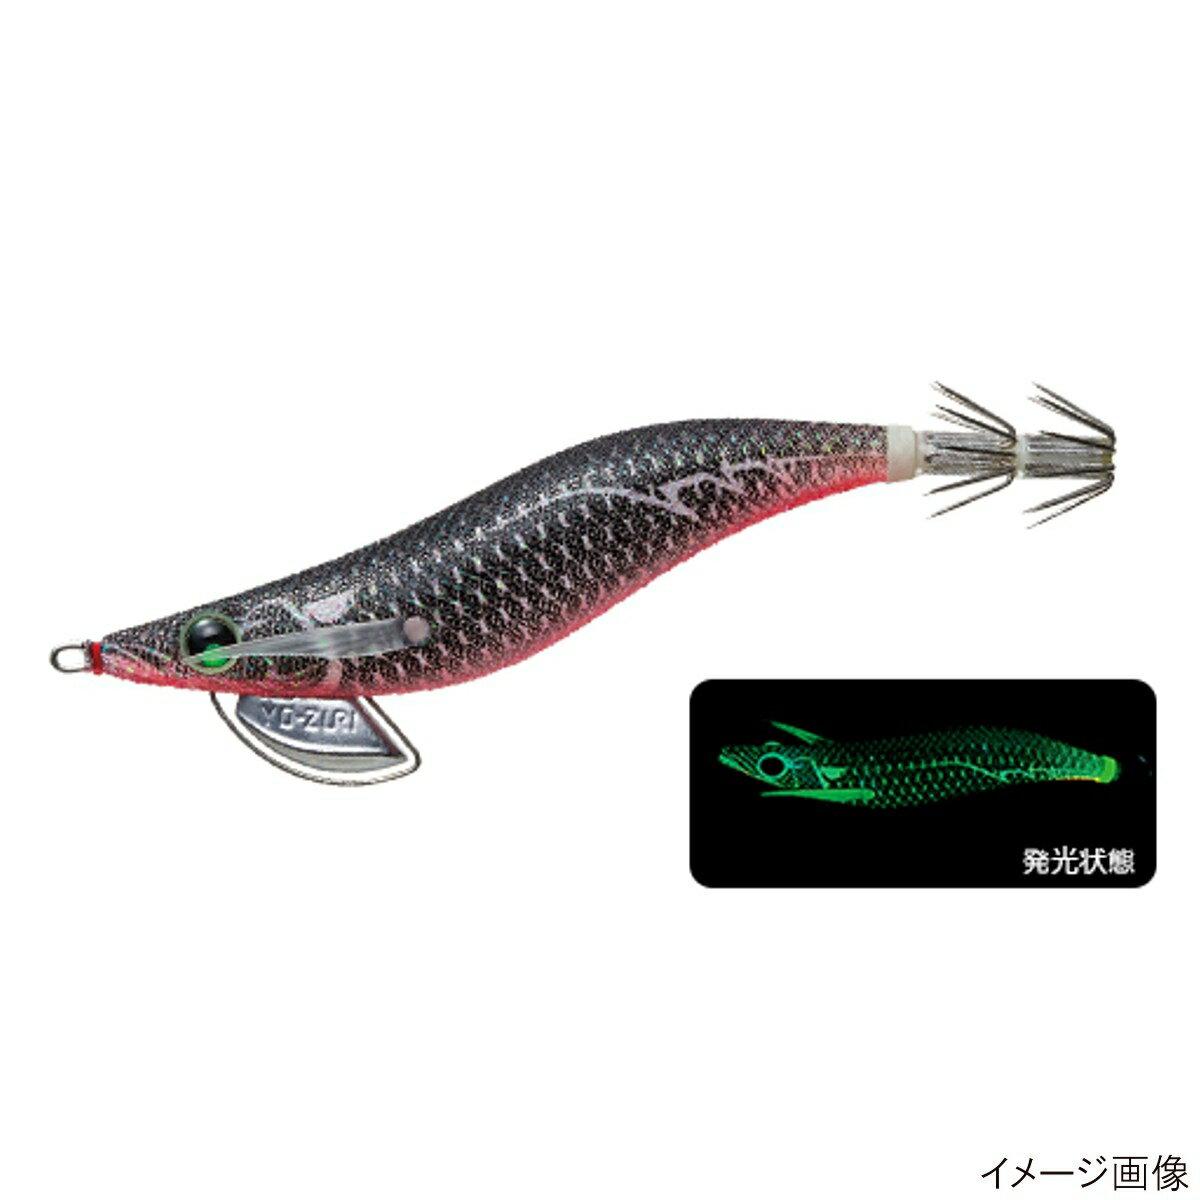 デュエル ヨーヅリ パタパタQラトル 3.0号 LBL(夜光ブラック)(東日本店)